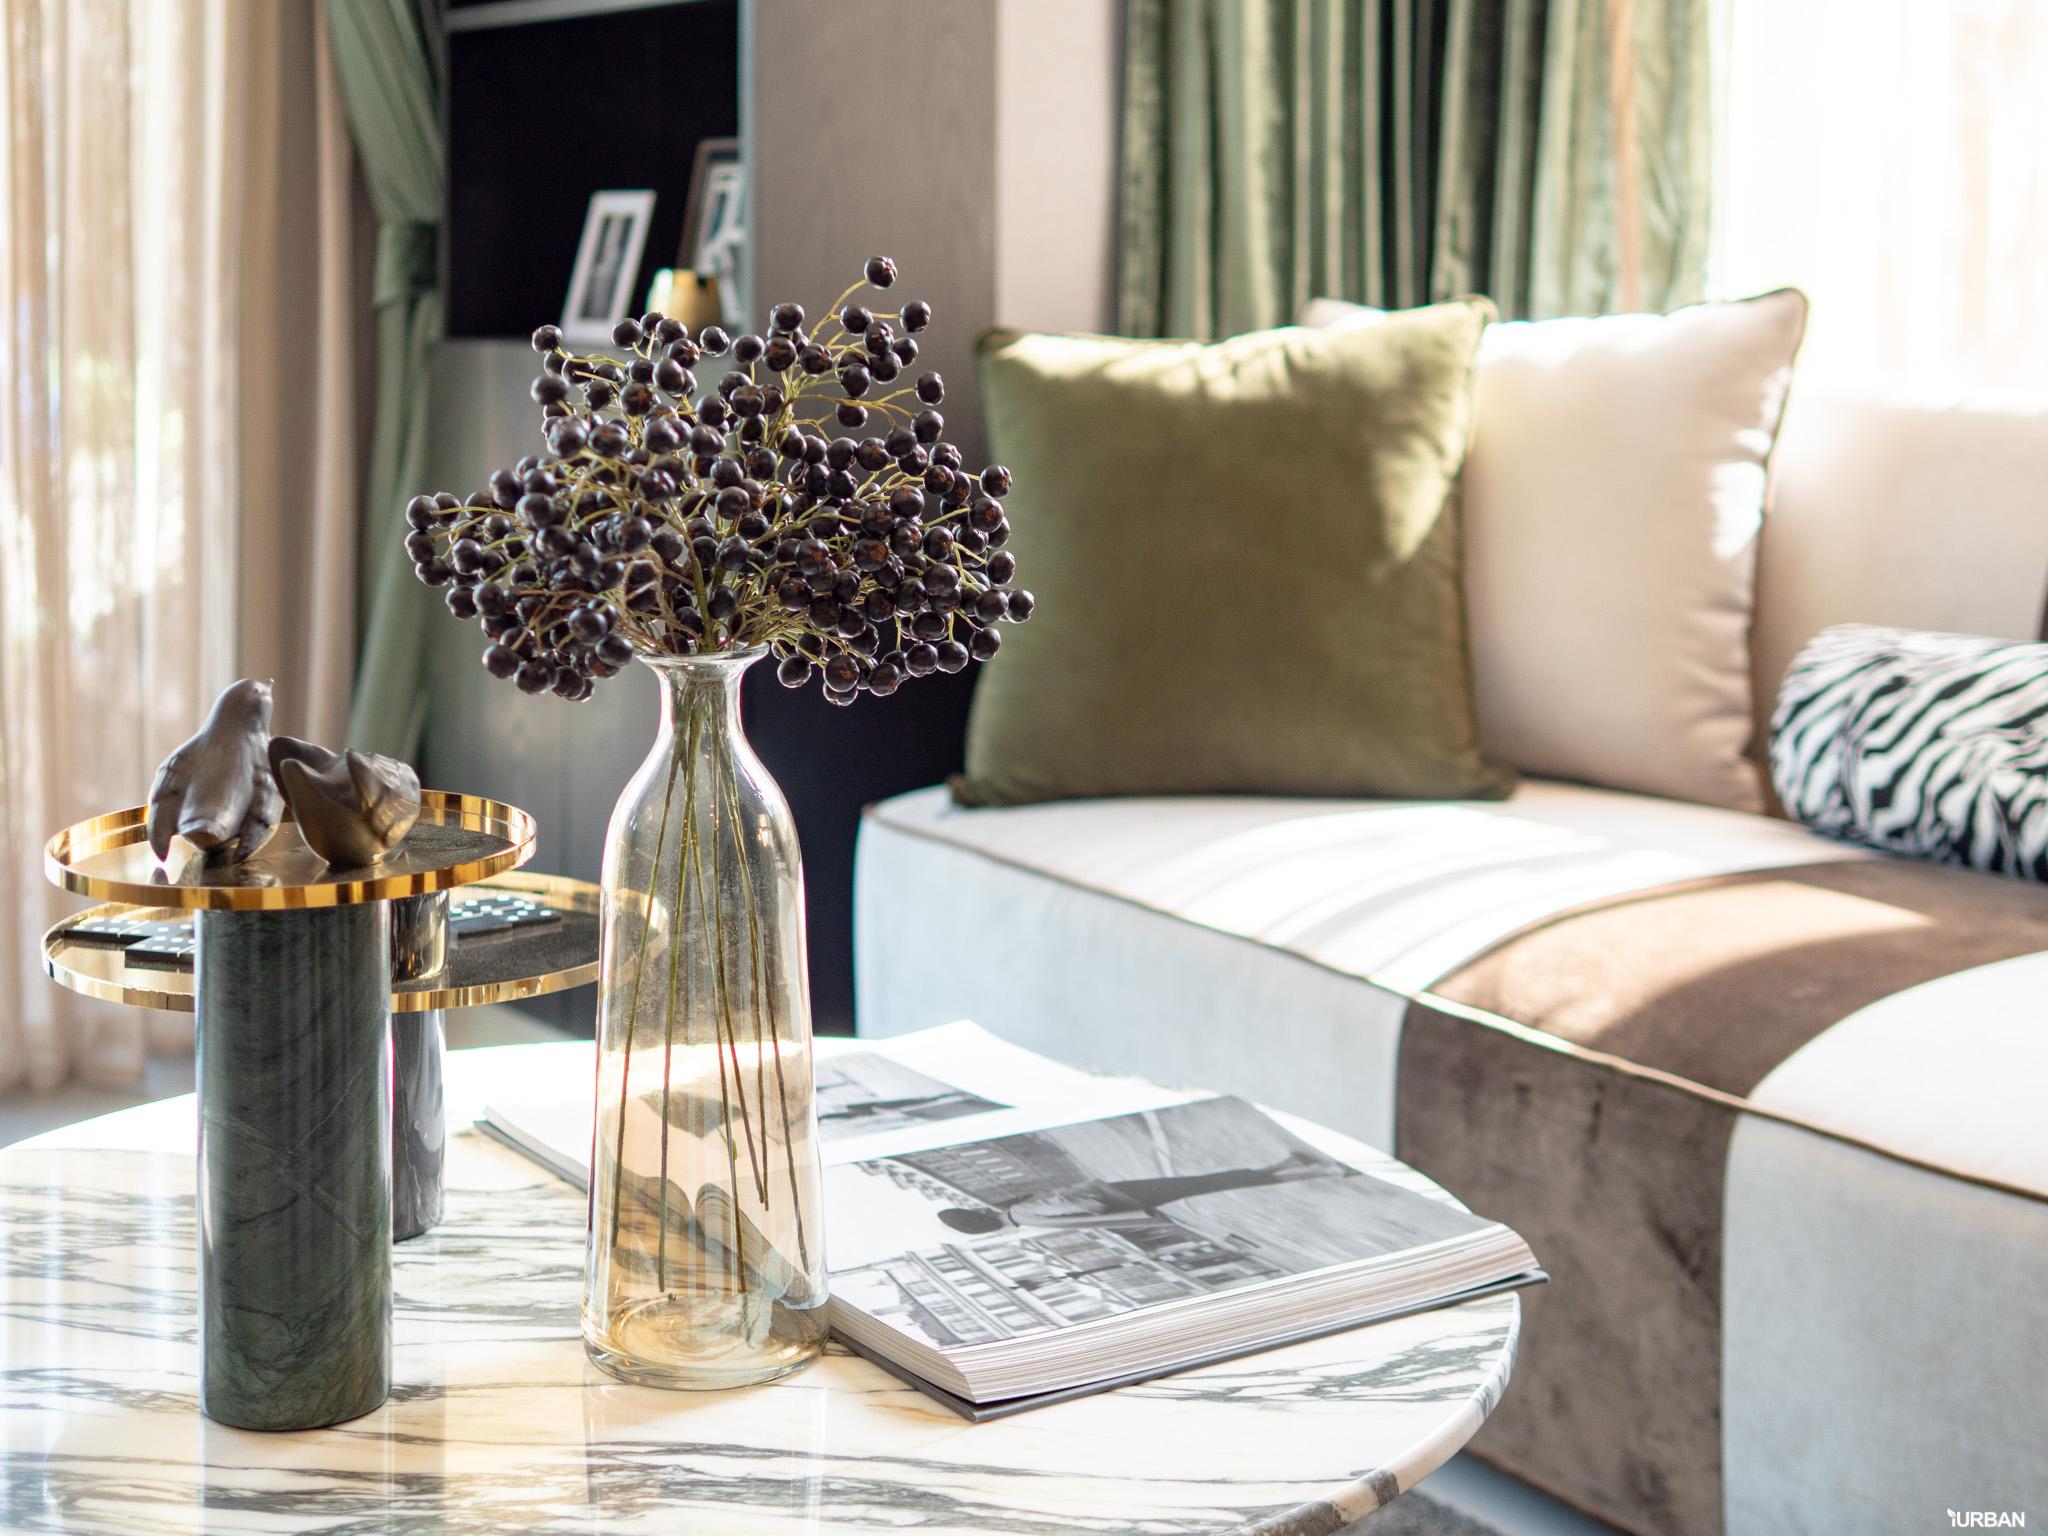 รีวิว บางกอก บูเลอวาร์ด รามอินทรา-เสรีไทย 2 <br>บ้านเดี่ยวสไตล์ Luxury Nordic เพียง 77 ครอบครัว</br> 136 - Boulevard